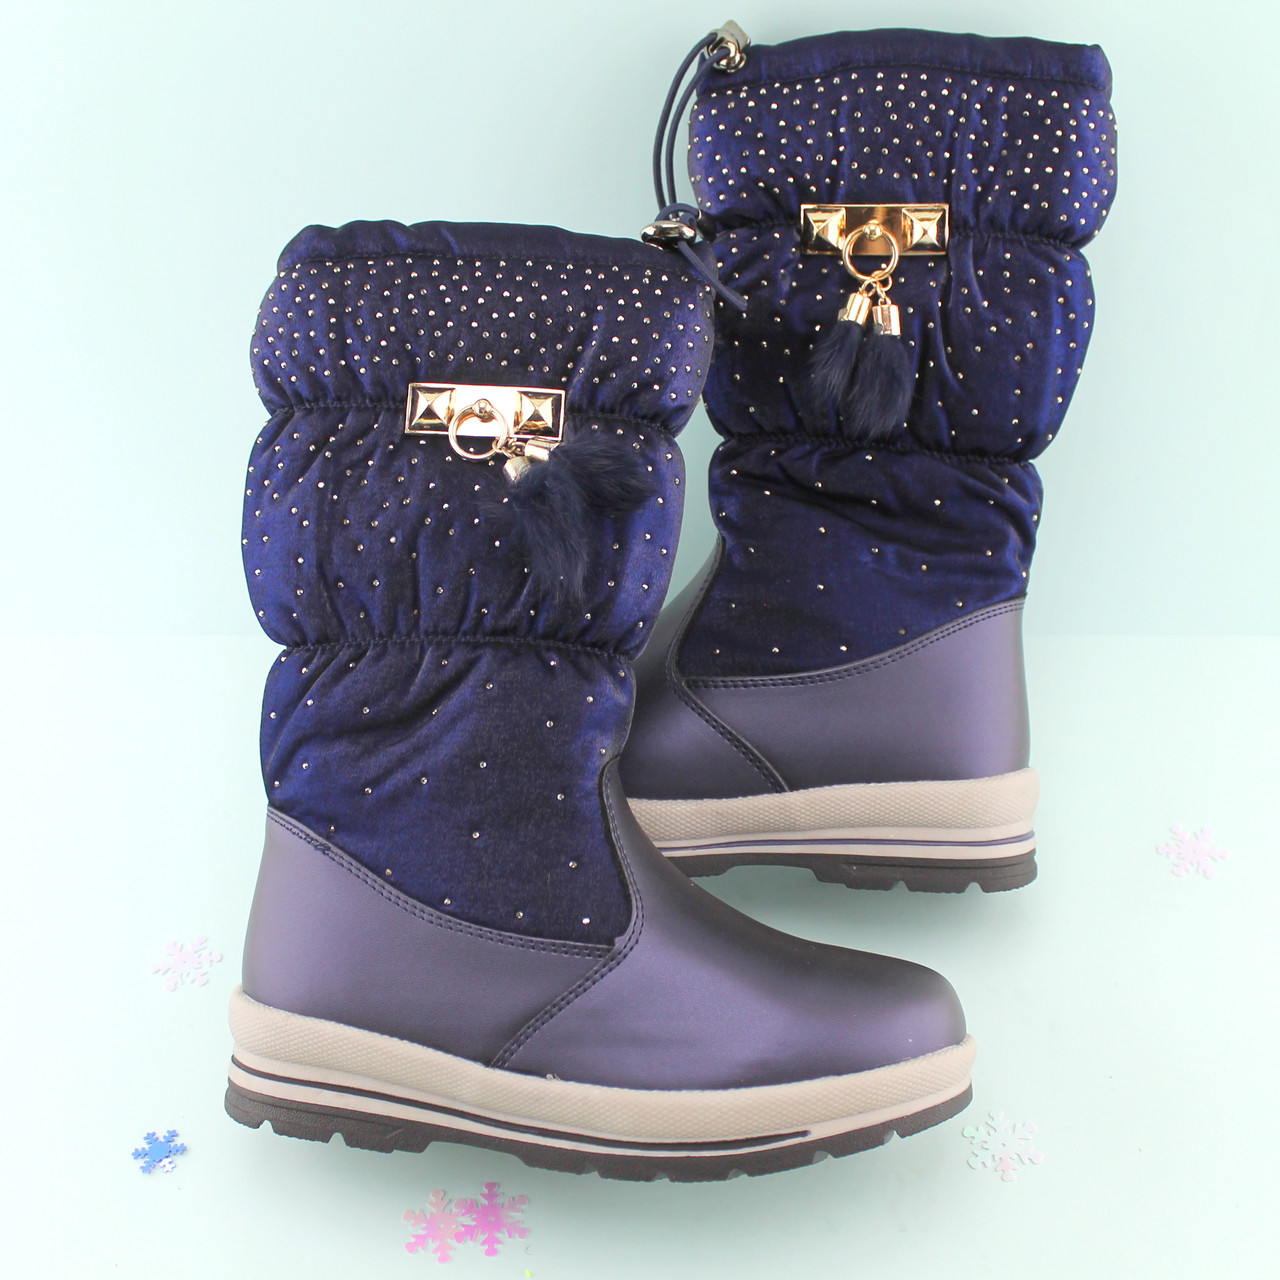 59c8ff750 Купить Синие зимние сапоги подростковые на девочку Том.м размер 33 ...